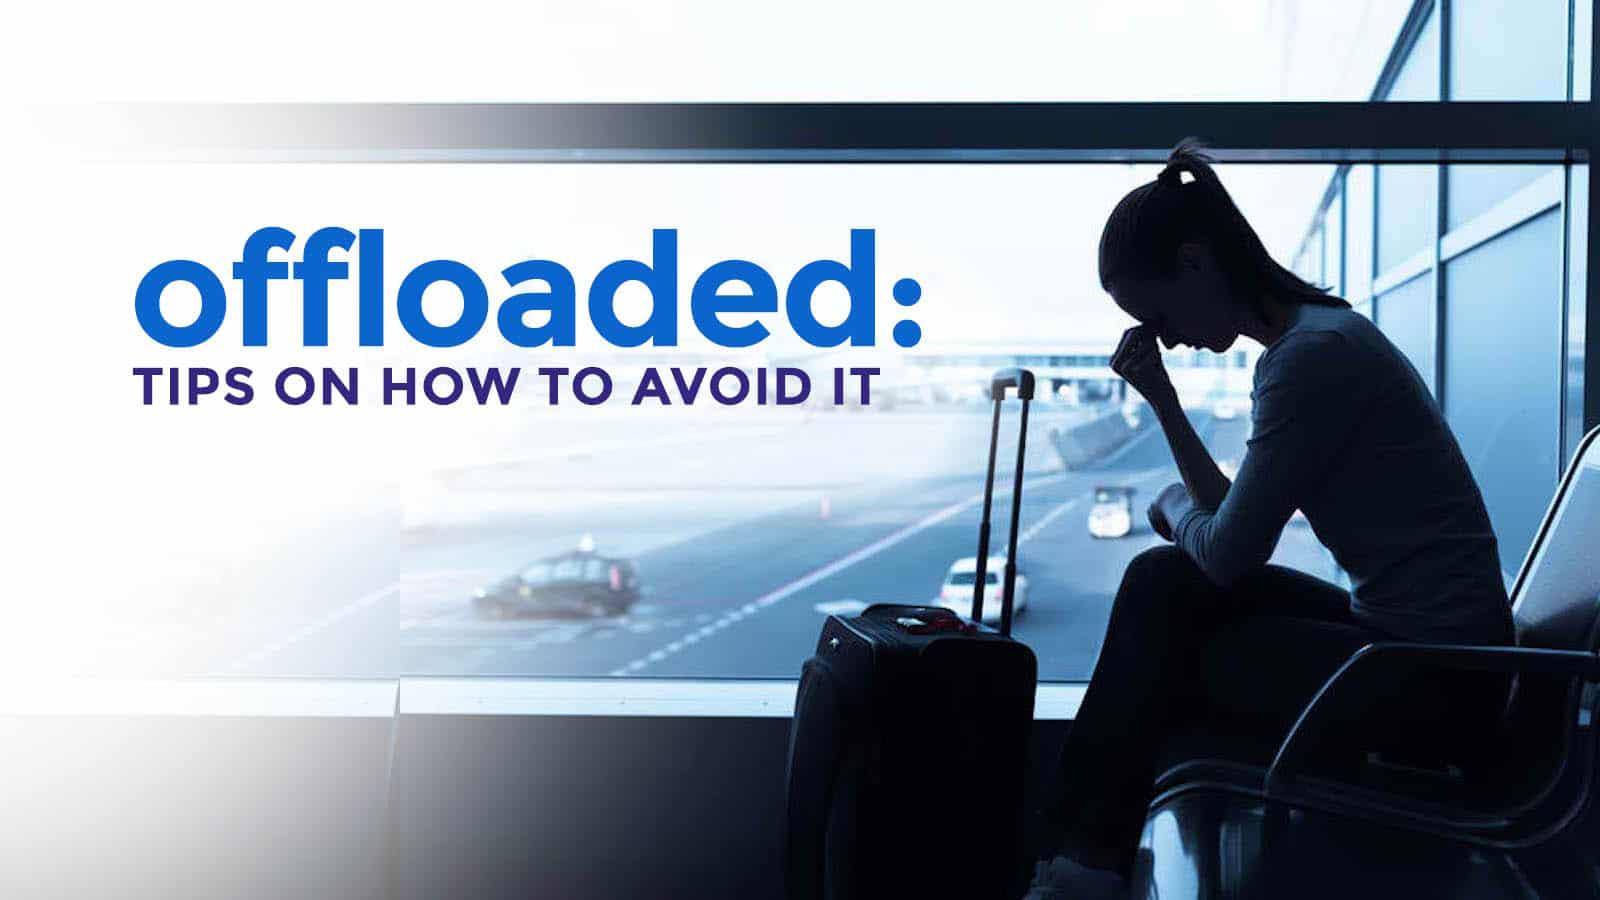 如何避免被卸货。机场移民要求   穷游者的行程博客